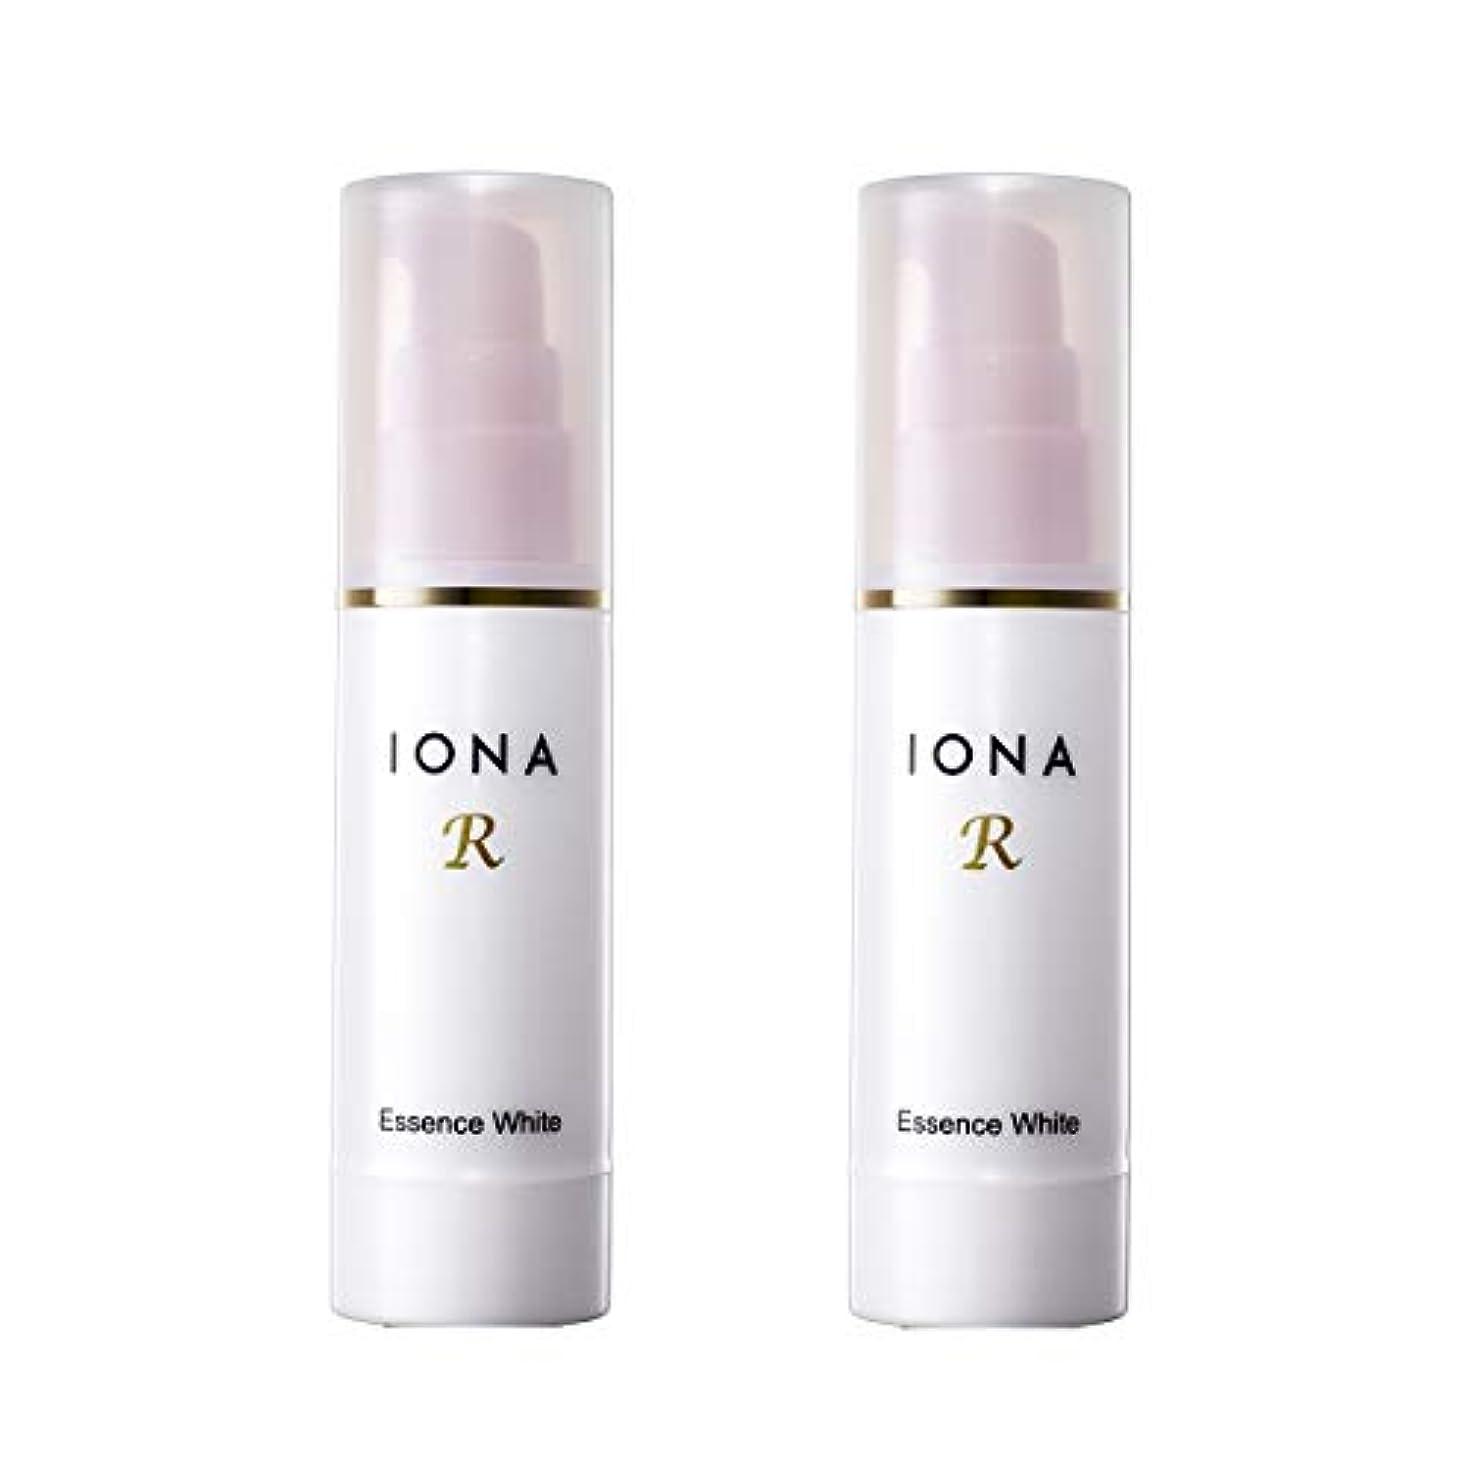 削る内陸慣らすイオナR エッセンスホワイト 美容液 2個セット 【通常価格より20%OFF】高機能ビタミンC配合美容液 IONA R イオナアール イオナのビタミンC